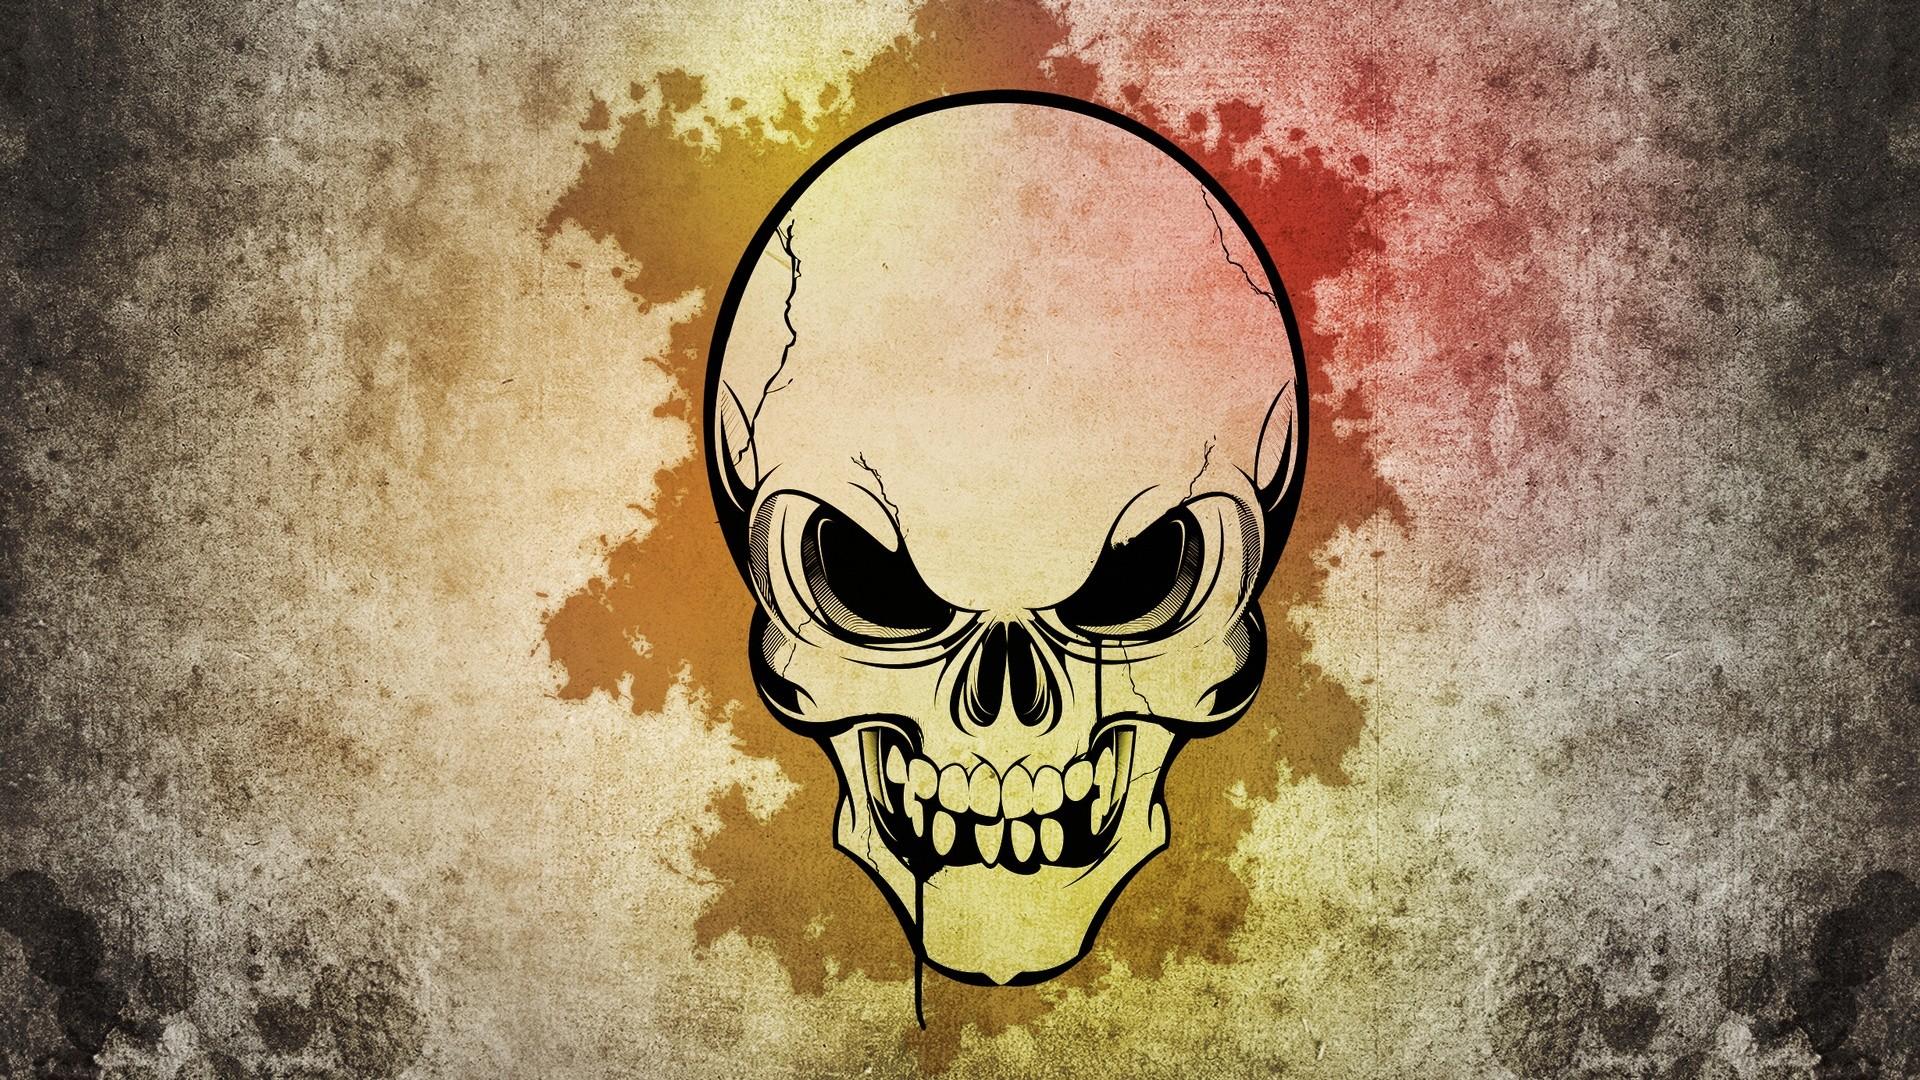 Cráneo - 1920x1080